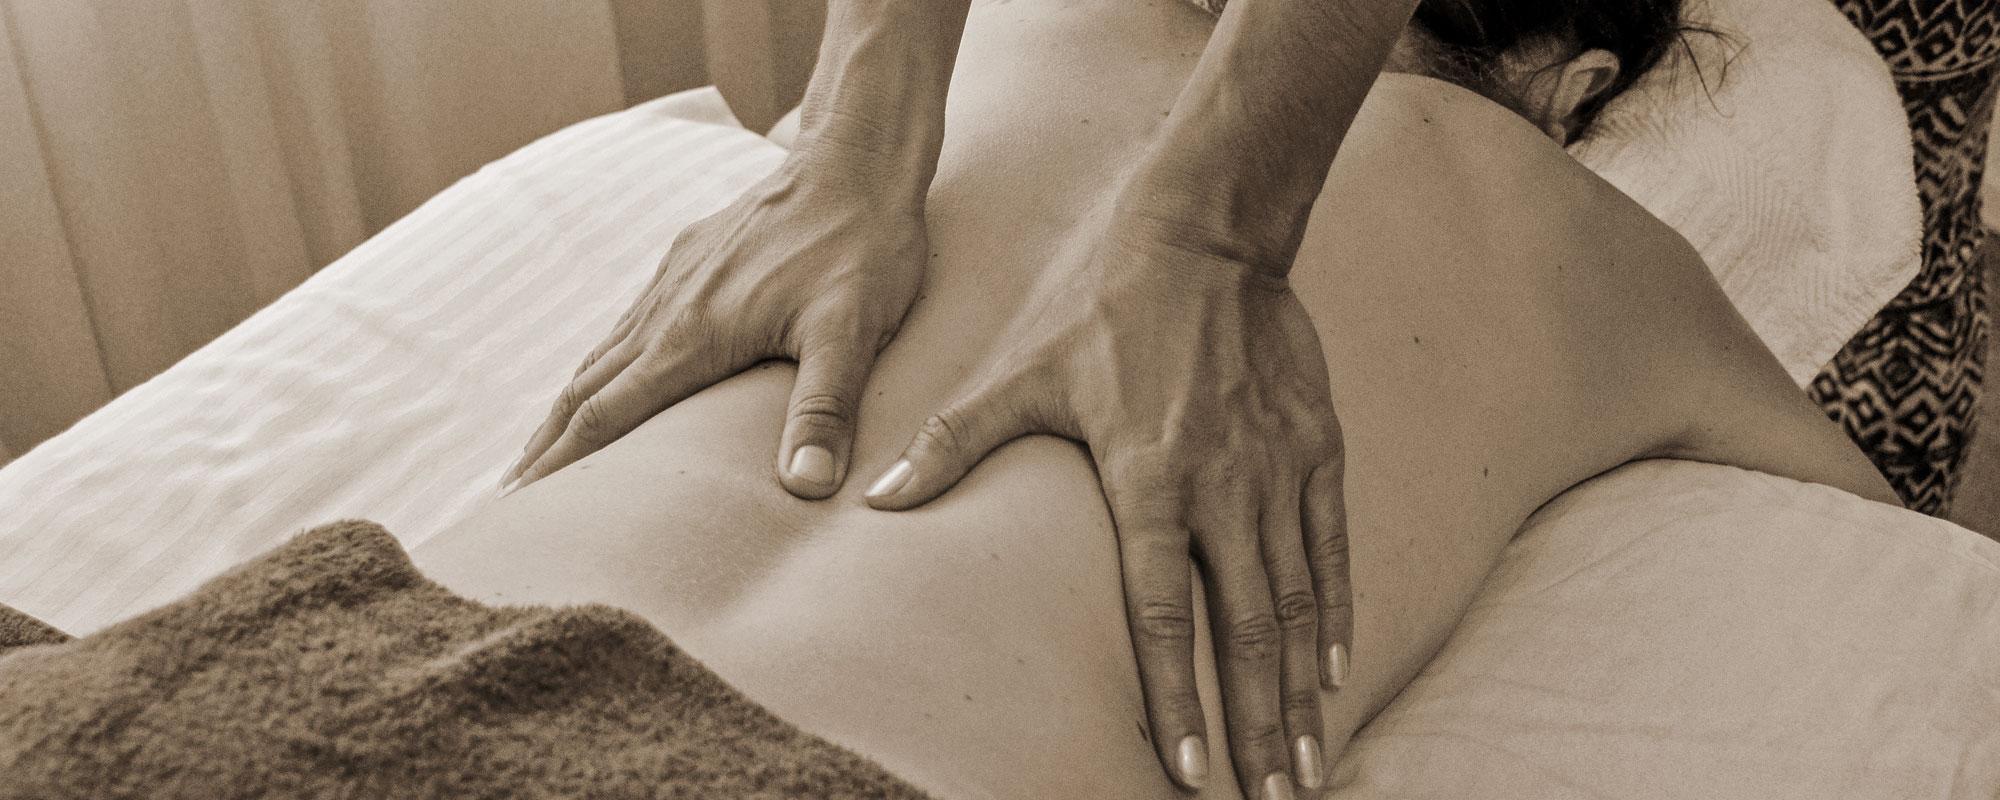 Praxis für manuelle Therapien